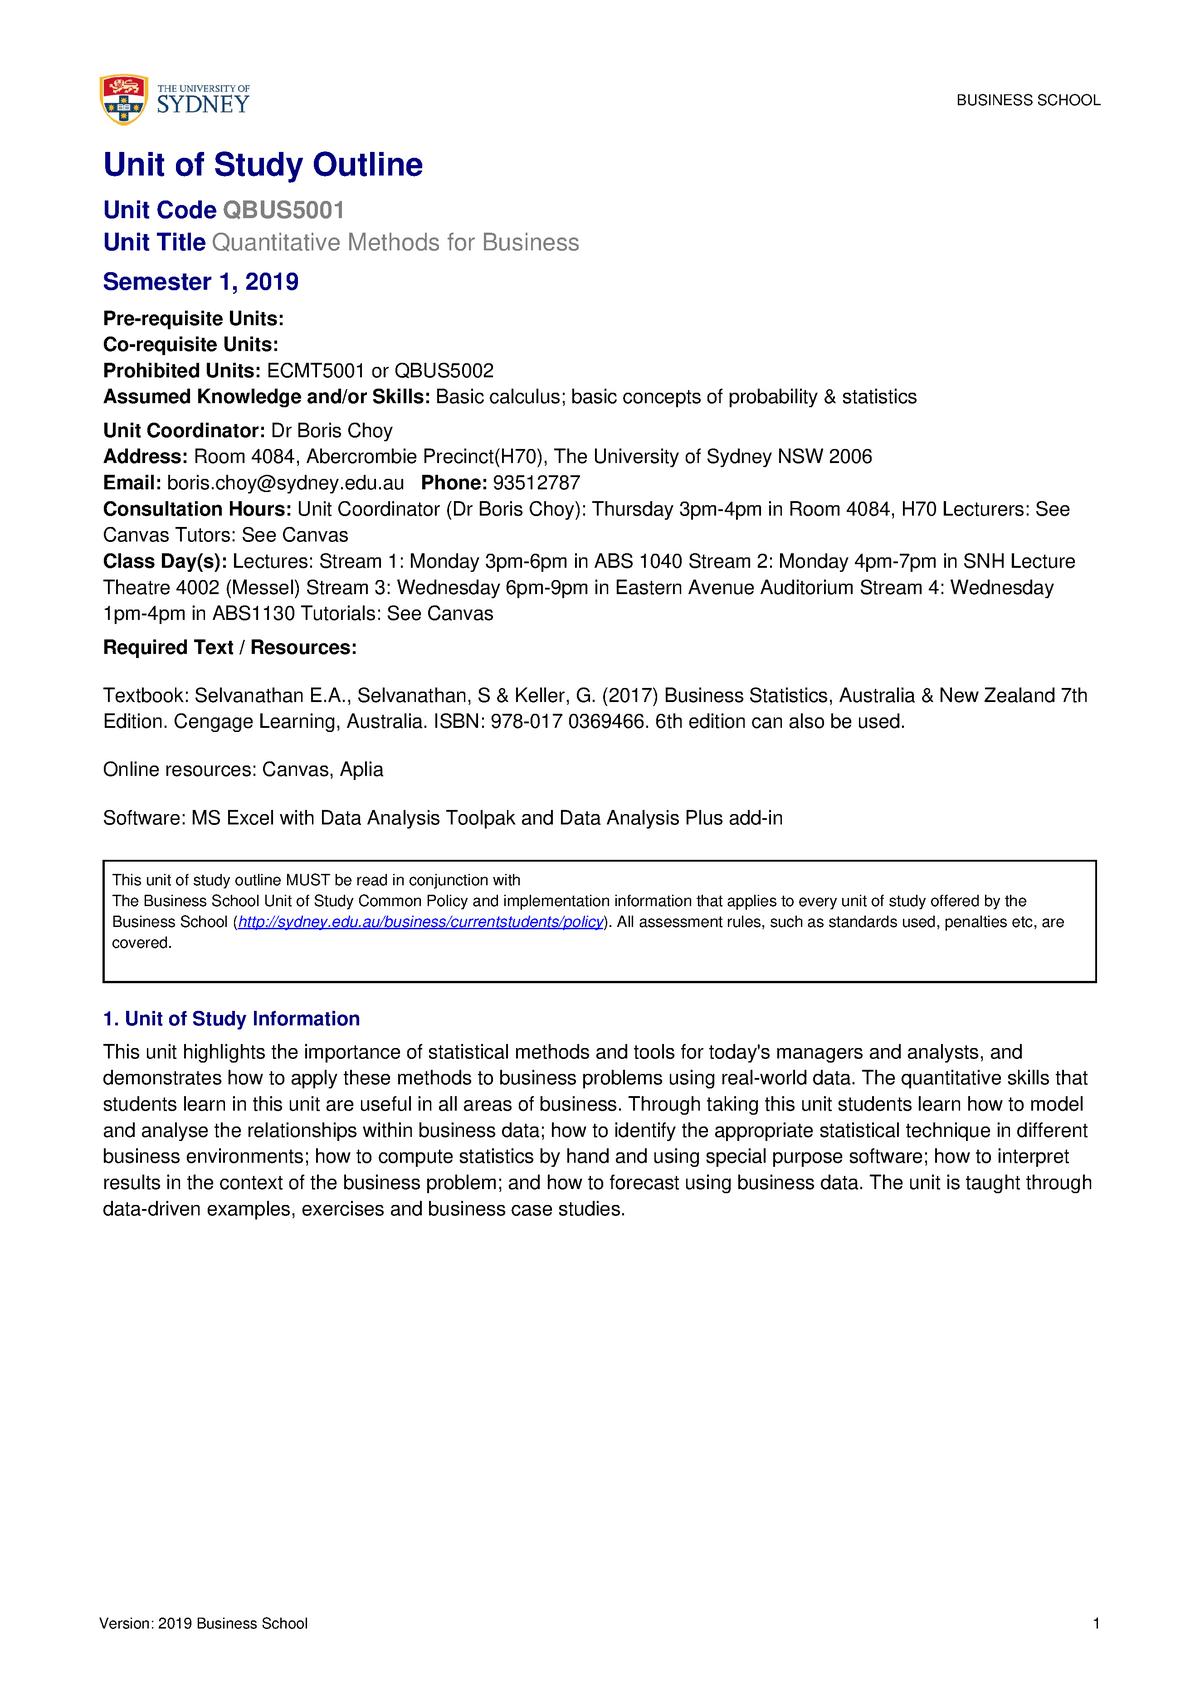 Uo S Outline QBUS5001 SEM1 2019 Approved - QBUS5001: Quantitative